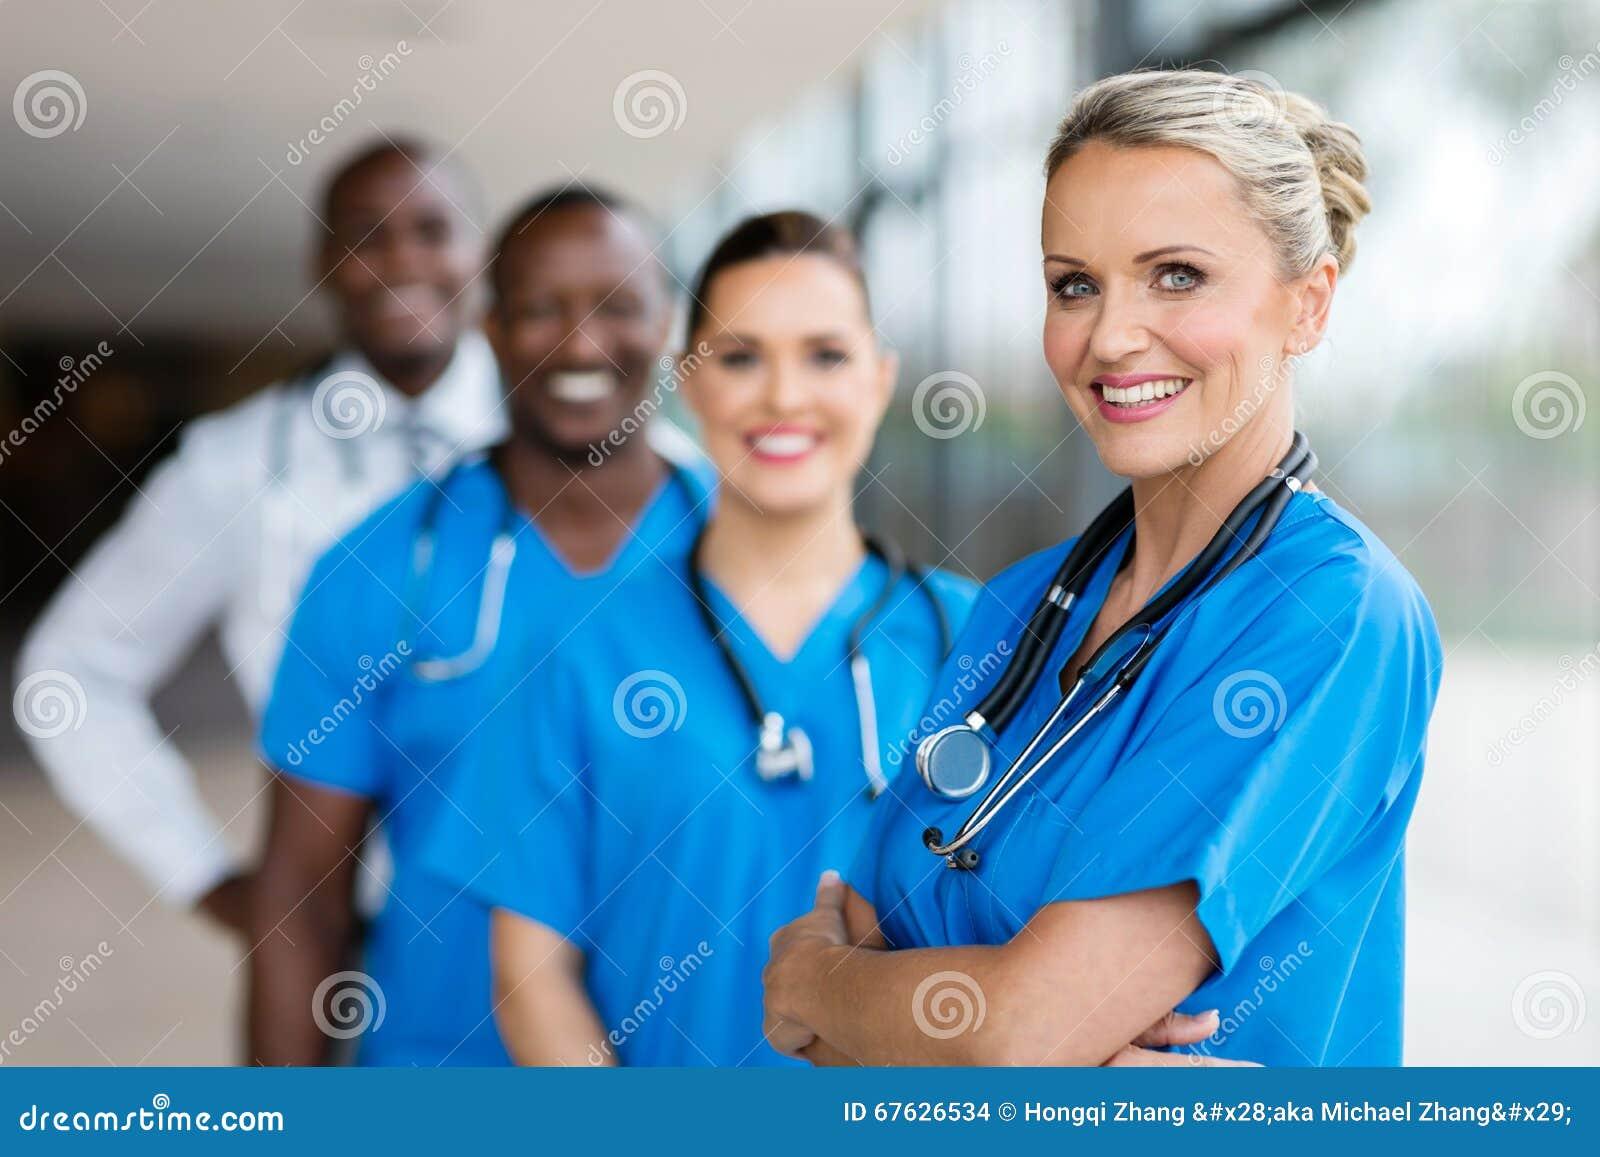 女性医生常设队